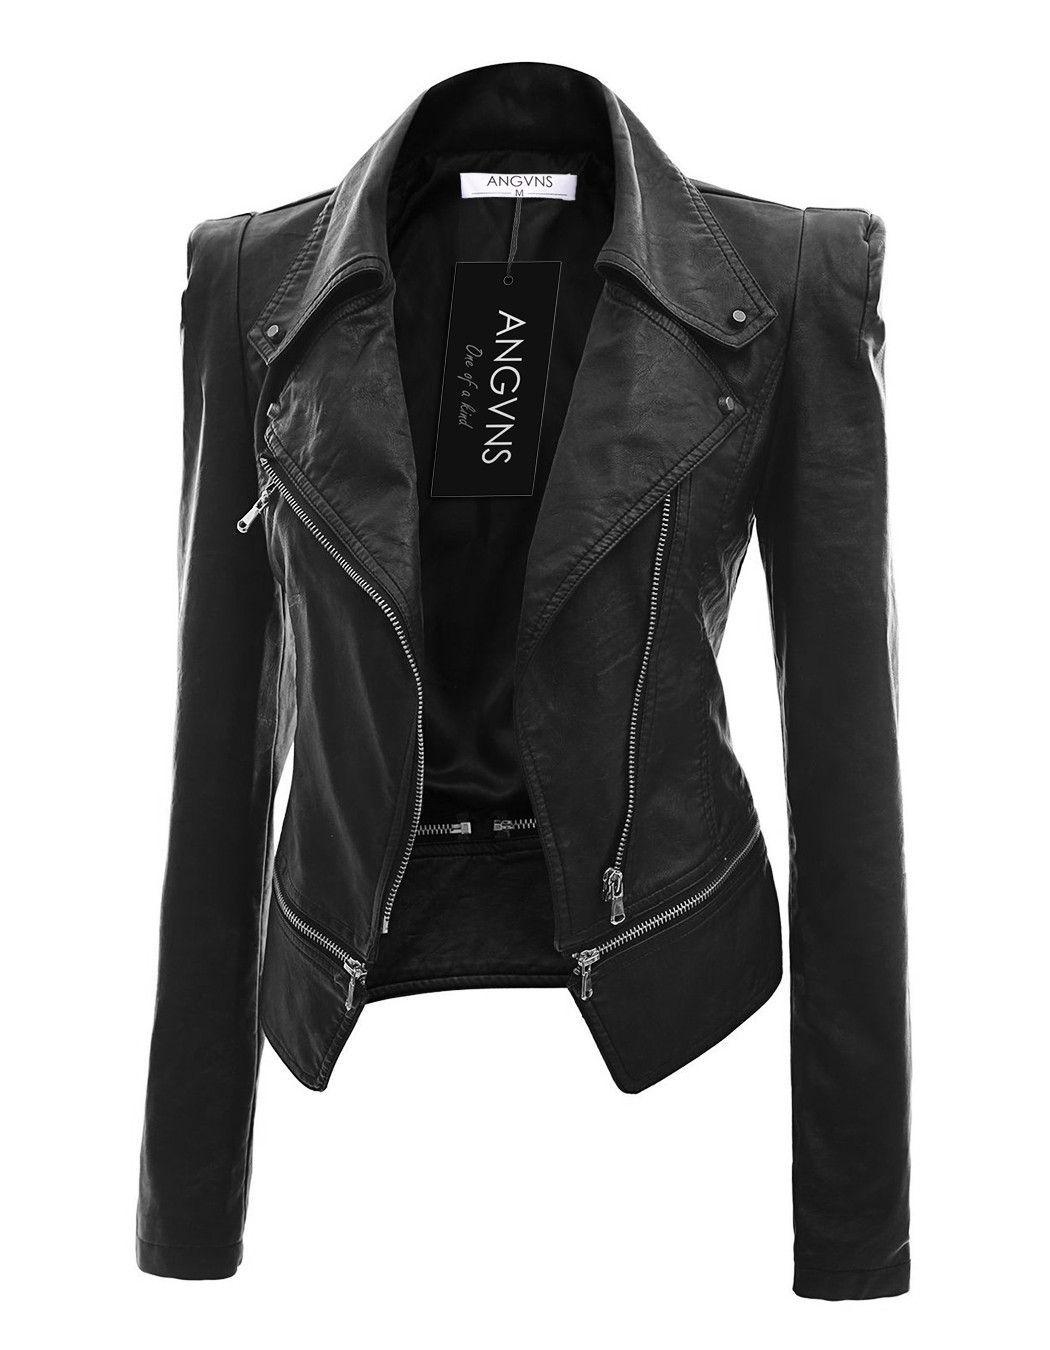 Buy leather jacket women